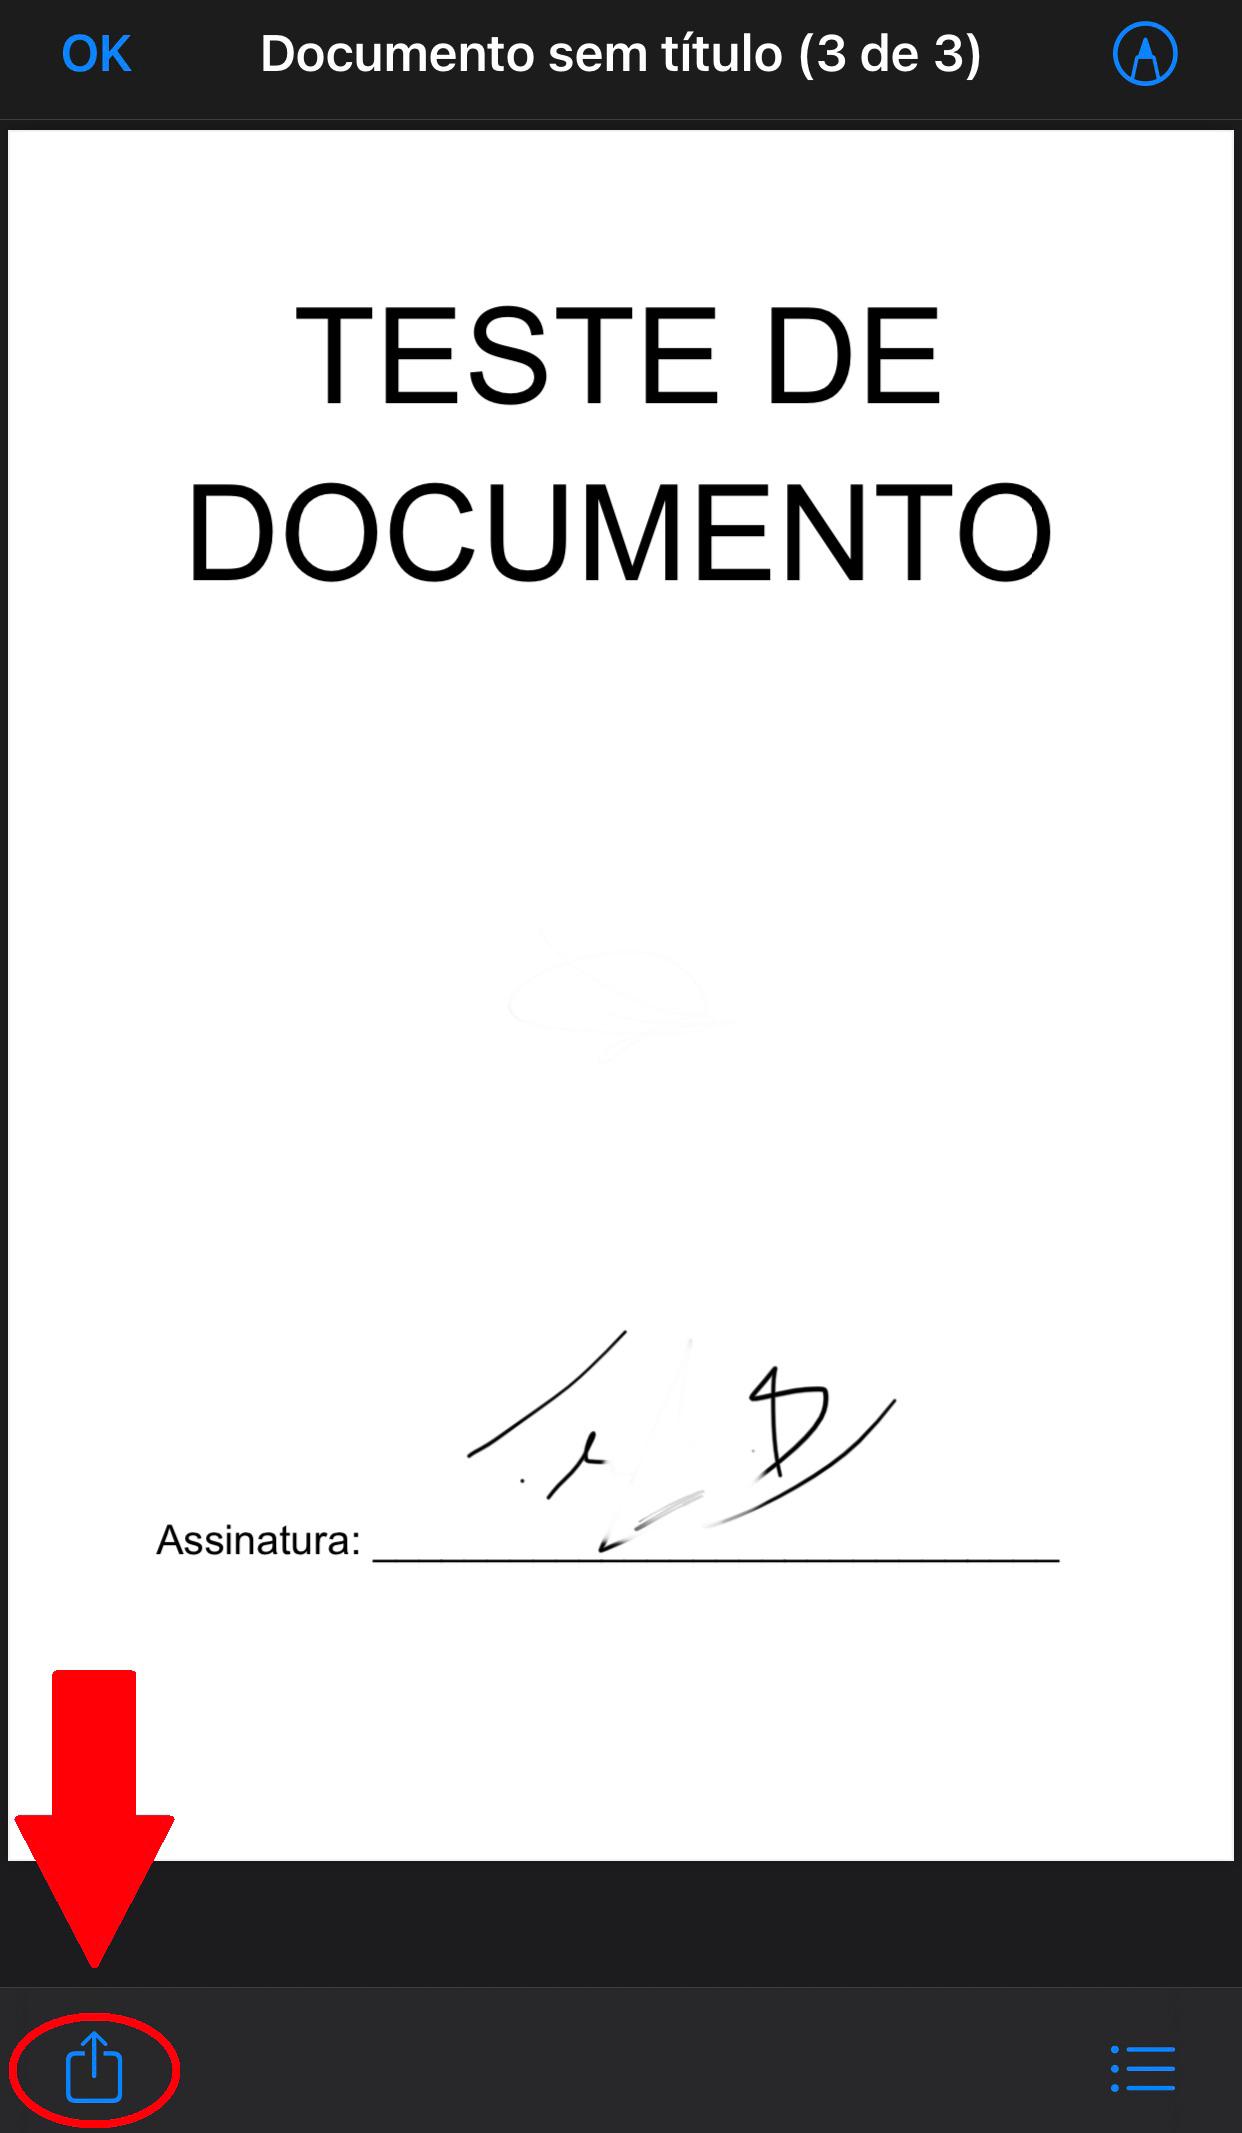 Aperte no botão para compartilhar seu documento assinado